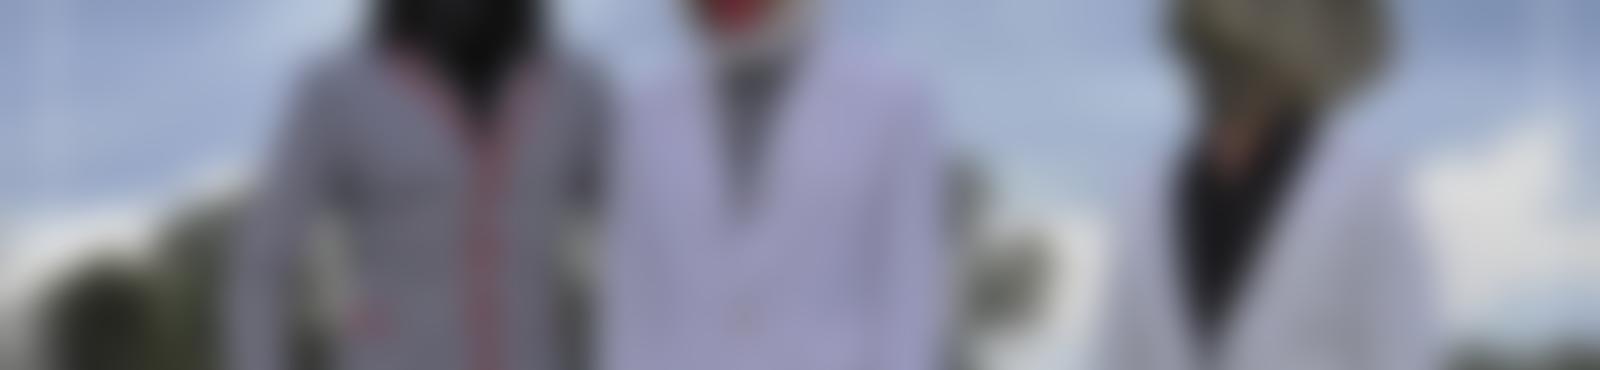 Blurred 68182cc7 019d 4ccc 9bdb 85b570748a06